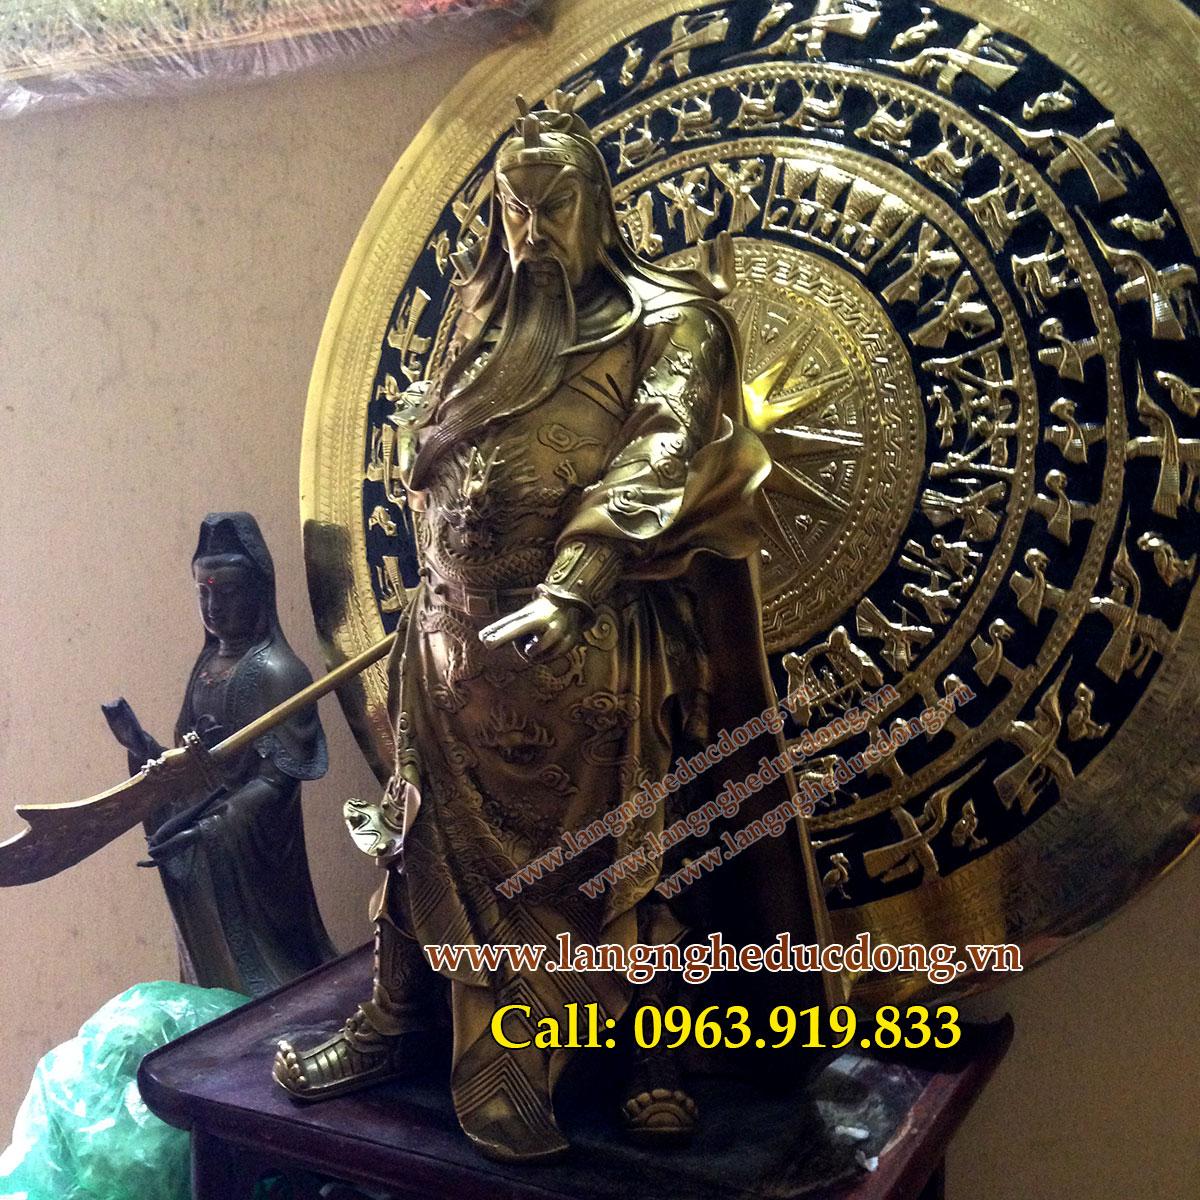 langngheducdong.vn - Tượng đồng Quan công cưỡi rồng, Quan vân trường cao 25cm